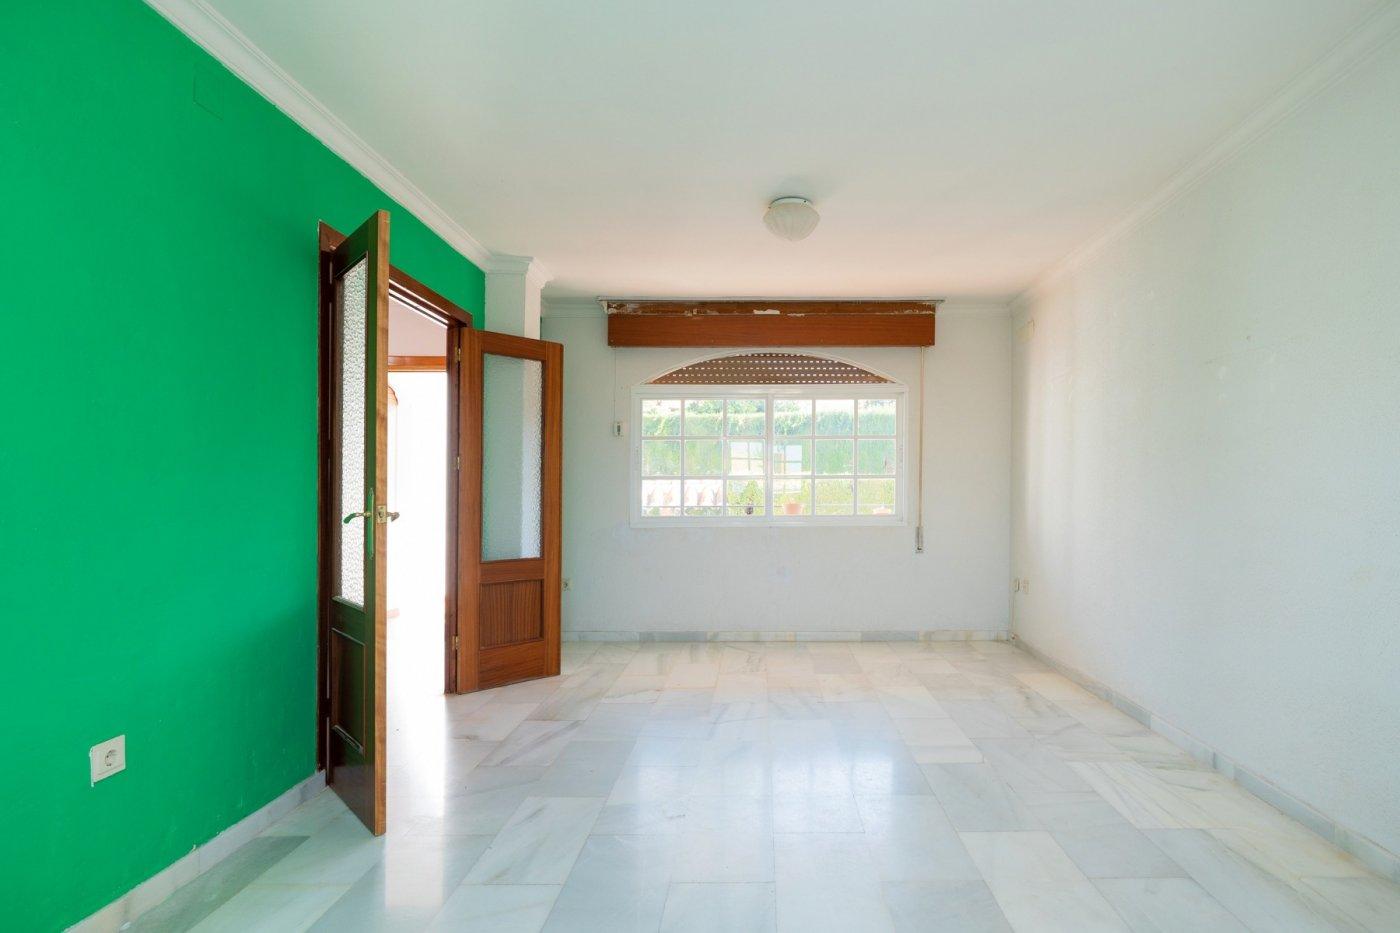 ¡¡¡algunos sueños si están a la venta!!!. ¿buscando una vivienda a 5 minutos de granada para disfrut